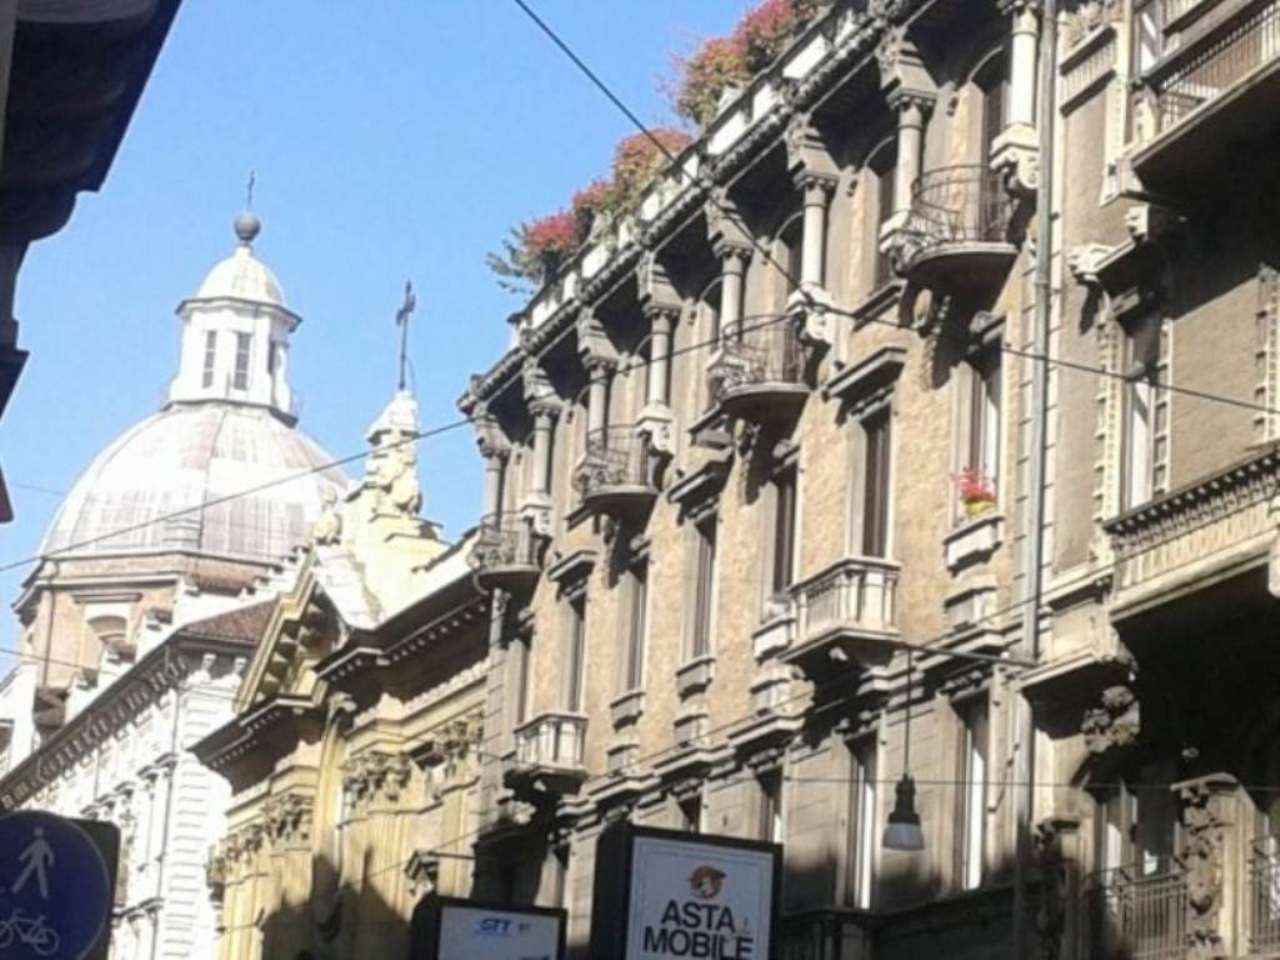 Negozio / Locale in affitto a Torino, 6 locali, zona Zona: 1 . Centro, Quadrilatero Romano, Repubblica, Giardini Reali, prezzo € 5.000 | CambioCasa.it